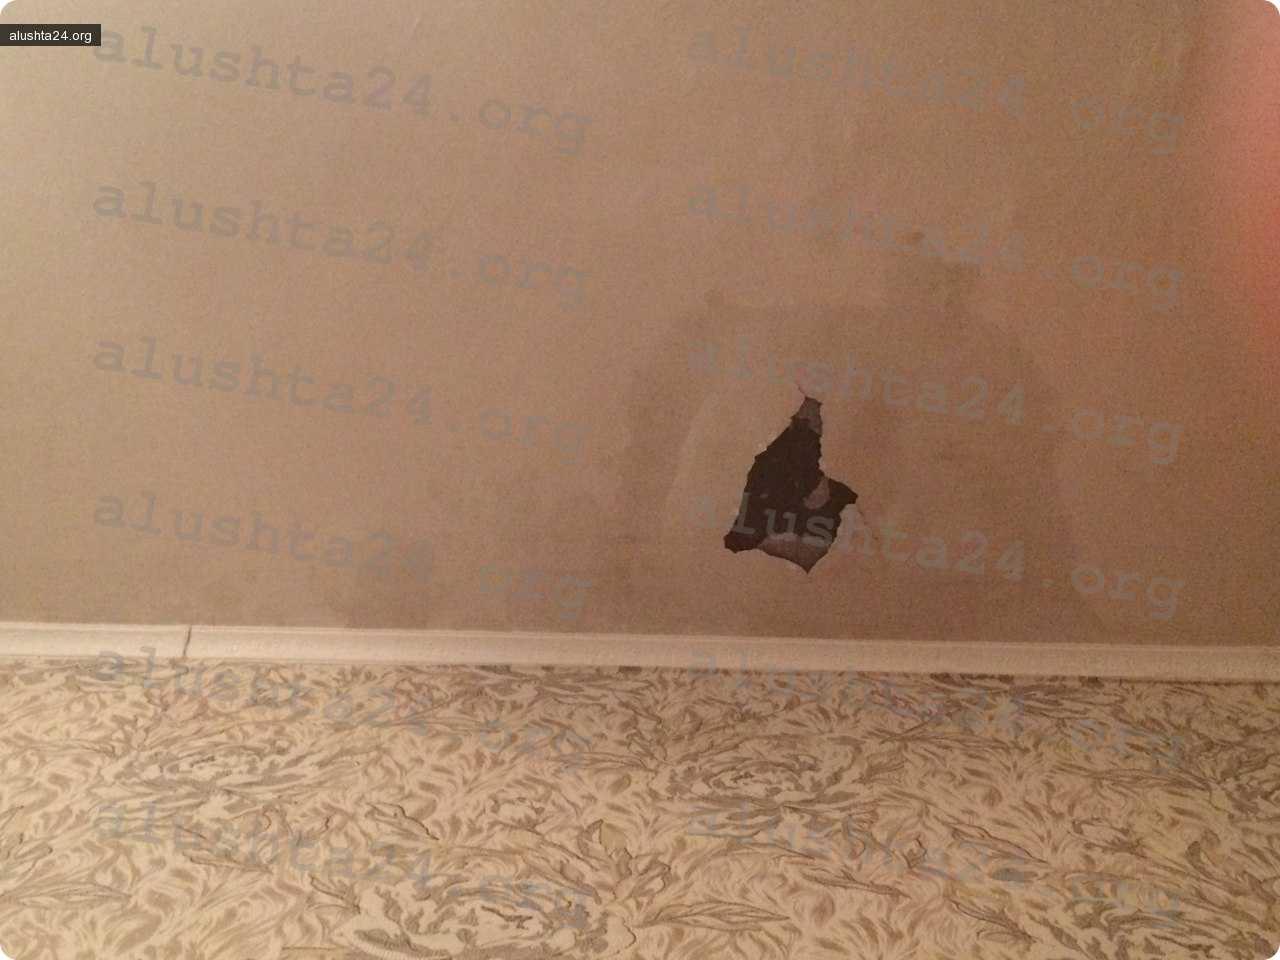 Все об Алуште: У жильцов квартиры на Симферопольской, 22 обвалился потолок. ЖЭК не реагирует!